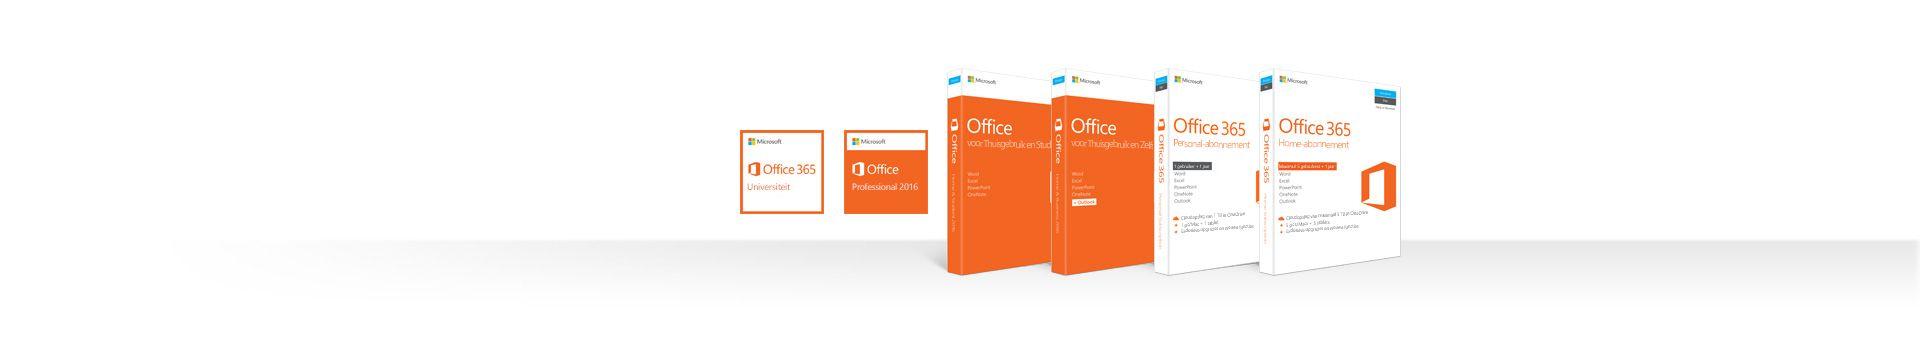 Een rij dozen die Office-abonnementen en zelfstandige producten voor pc uitbeelden